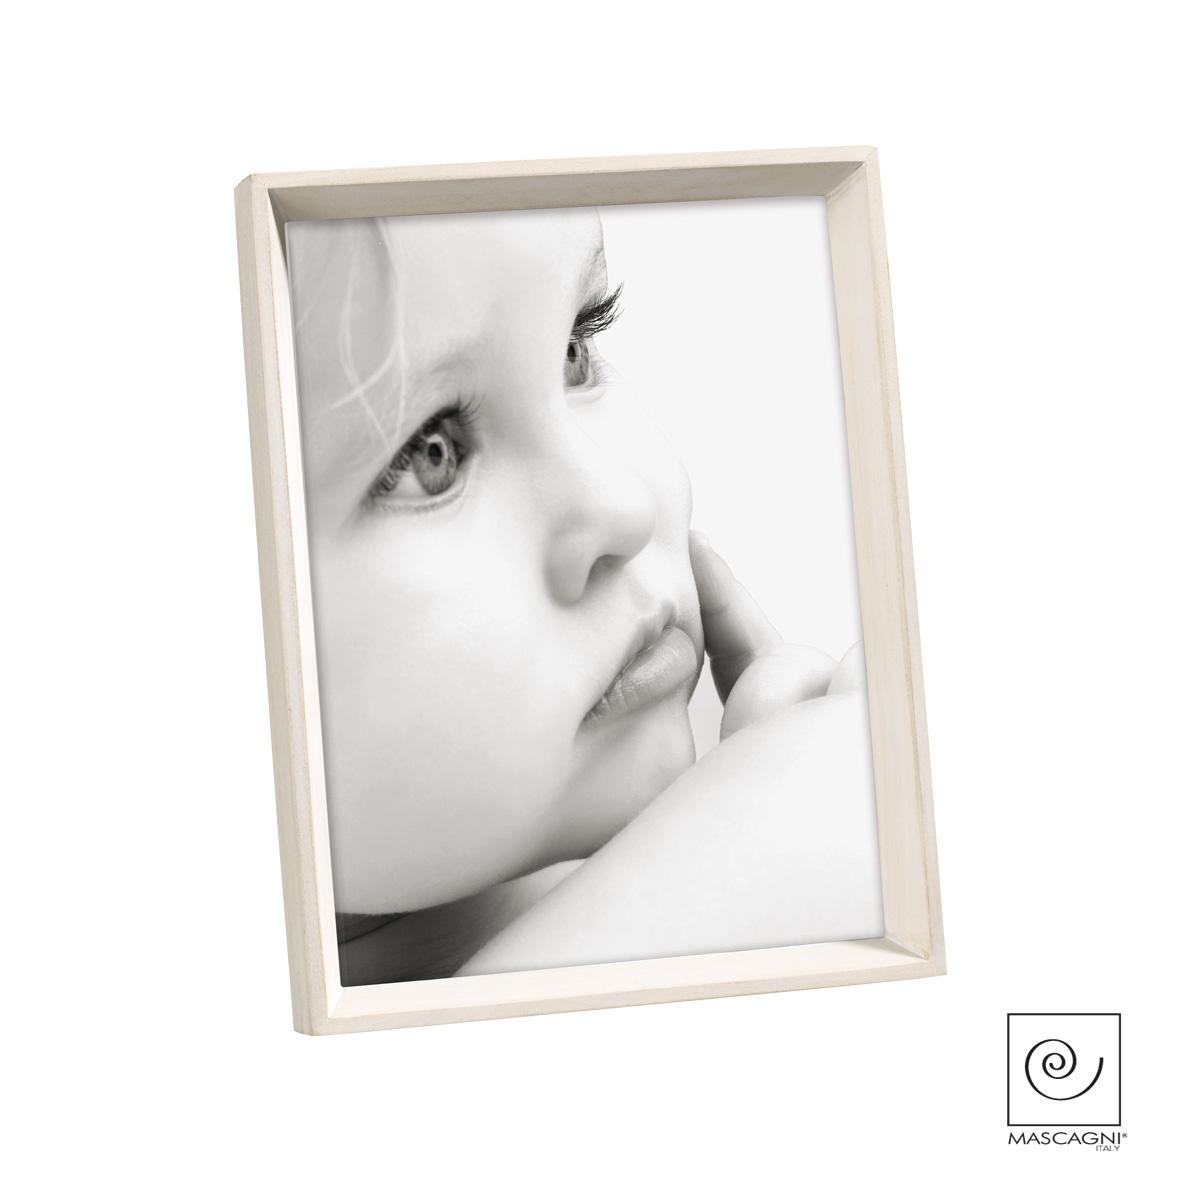 Art Mascagni A754 PHOTO FRAME 15X20 - COL.WHITE